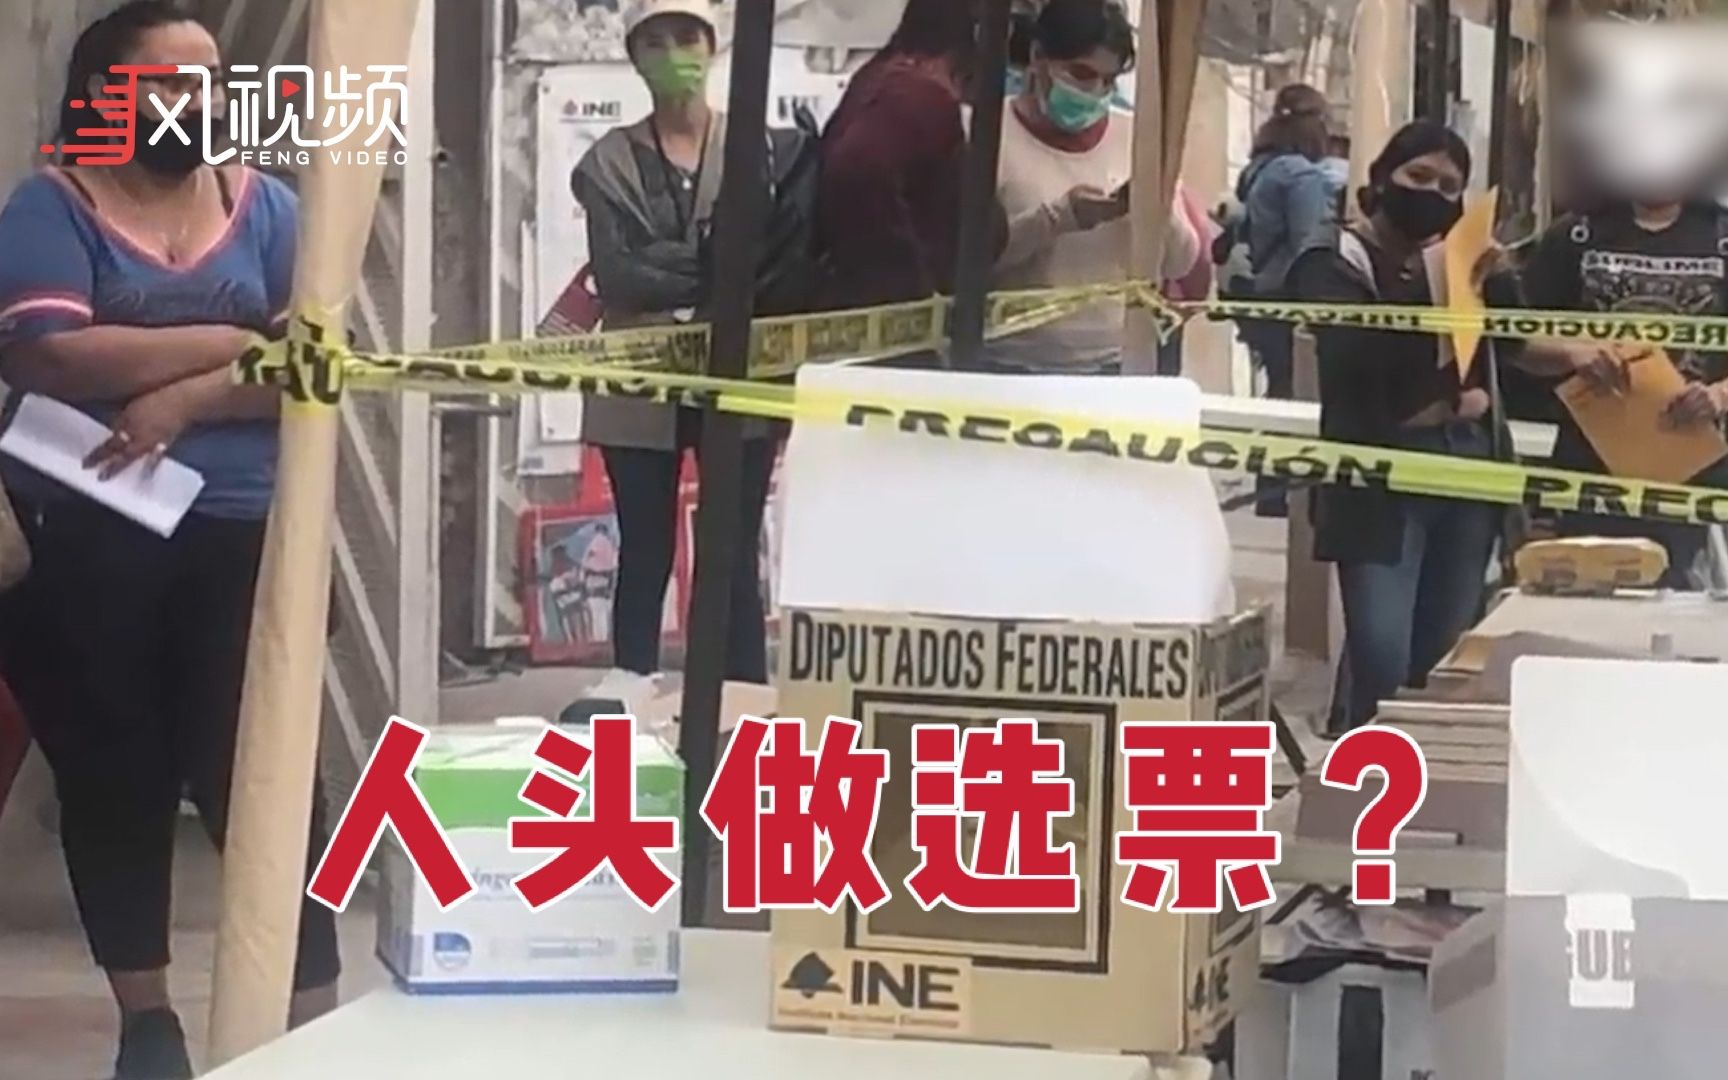 墨西哥大选投票站被扔人头 3处投票点发现人体残肢